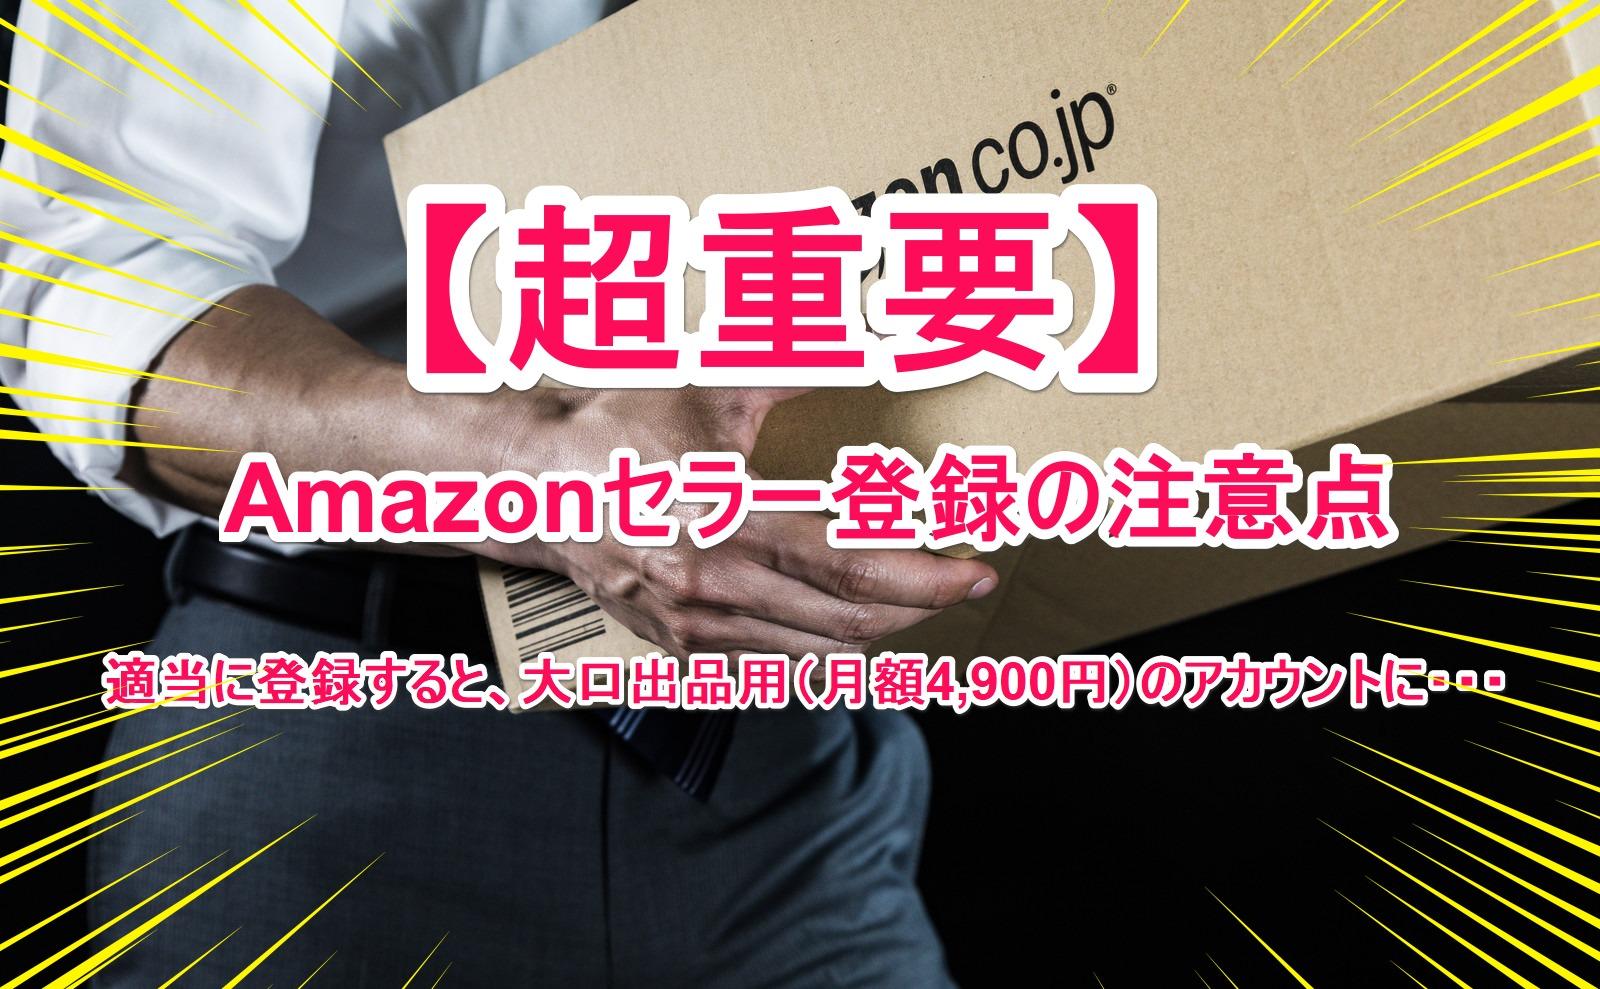 【初心者必見!!】Amazonセラーの登録を間違えると、大口の登録になり月額を請求されます。返金可能か調べた結果。